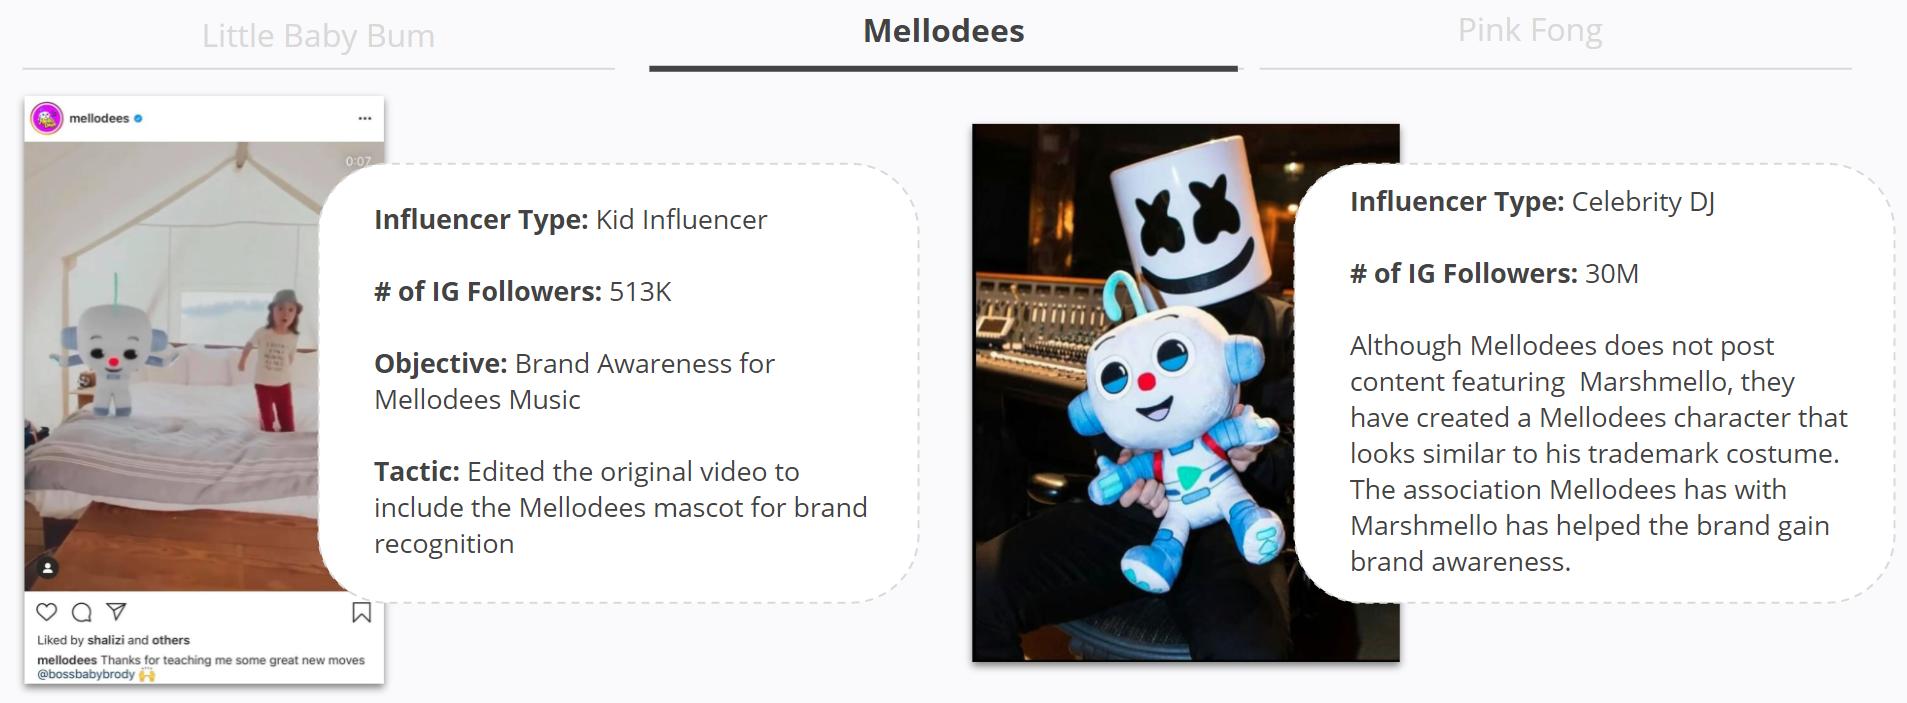 Mellodees - Mascot - Influencer Posts